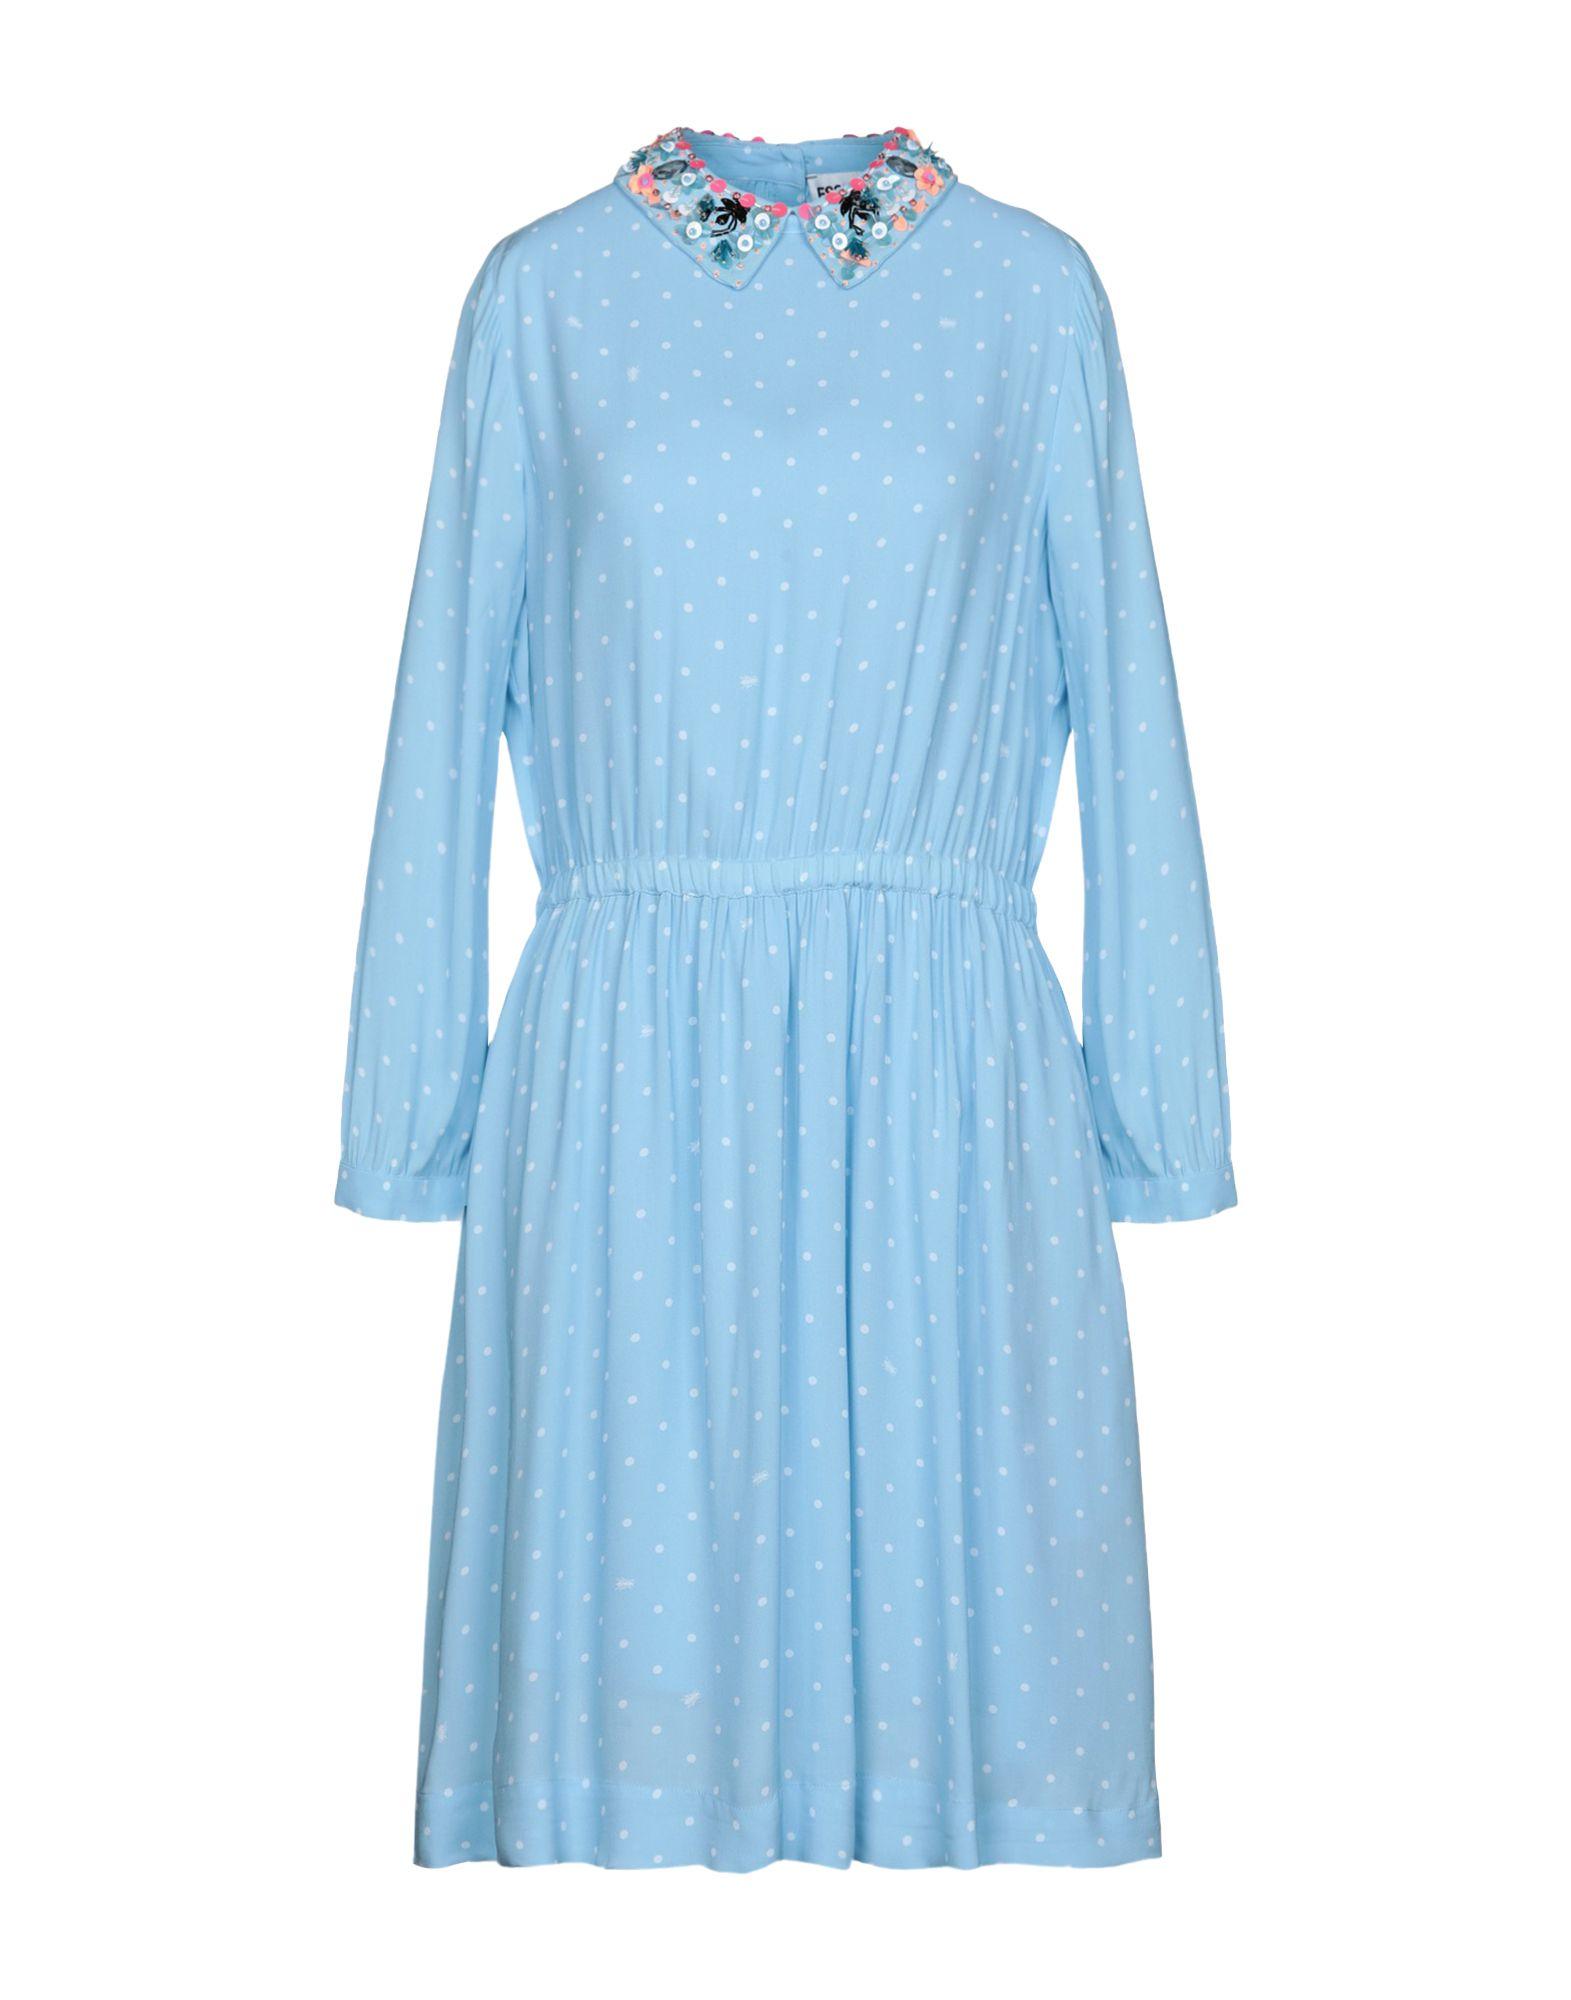 《送料無料》ESSENTIEL ANTWERP レディース ひざ丈ワンピース スカイブルー 38 レーヨン 100% Passage midi dress